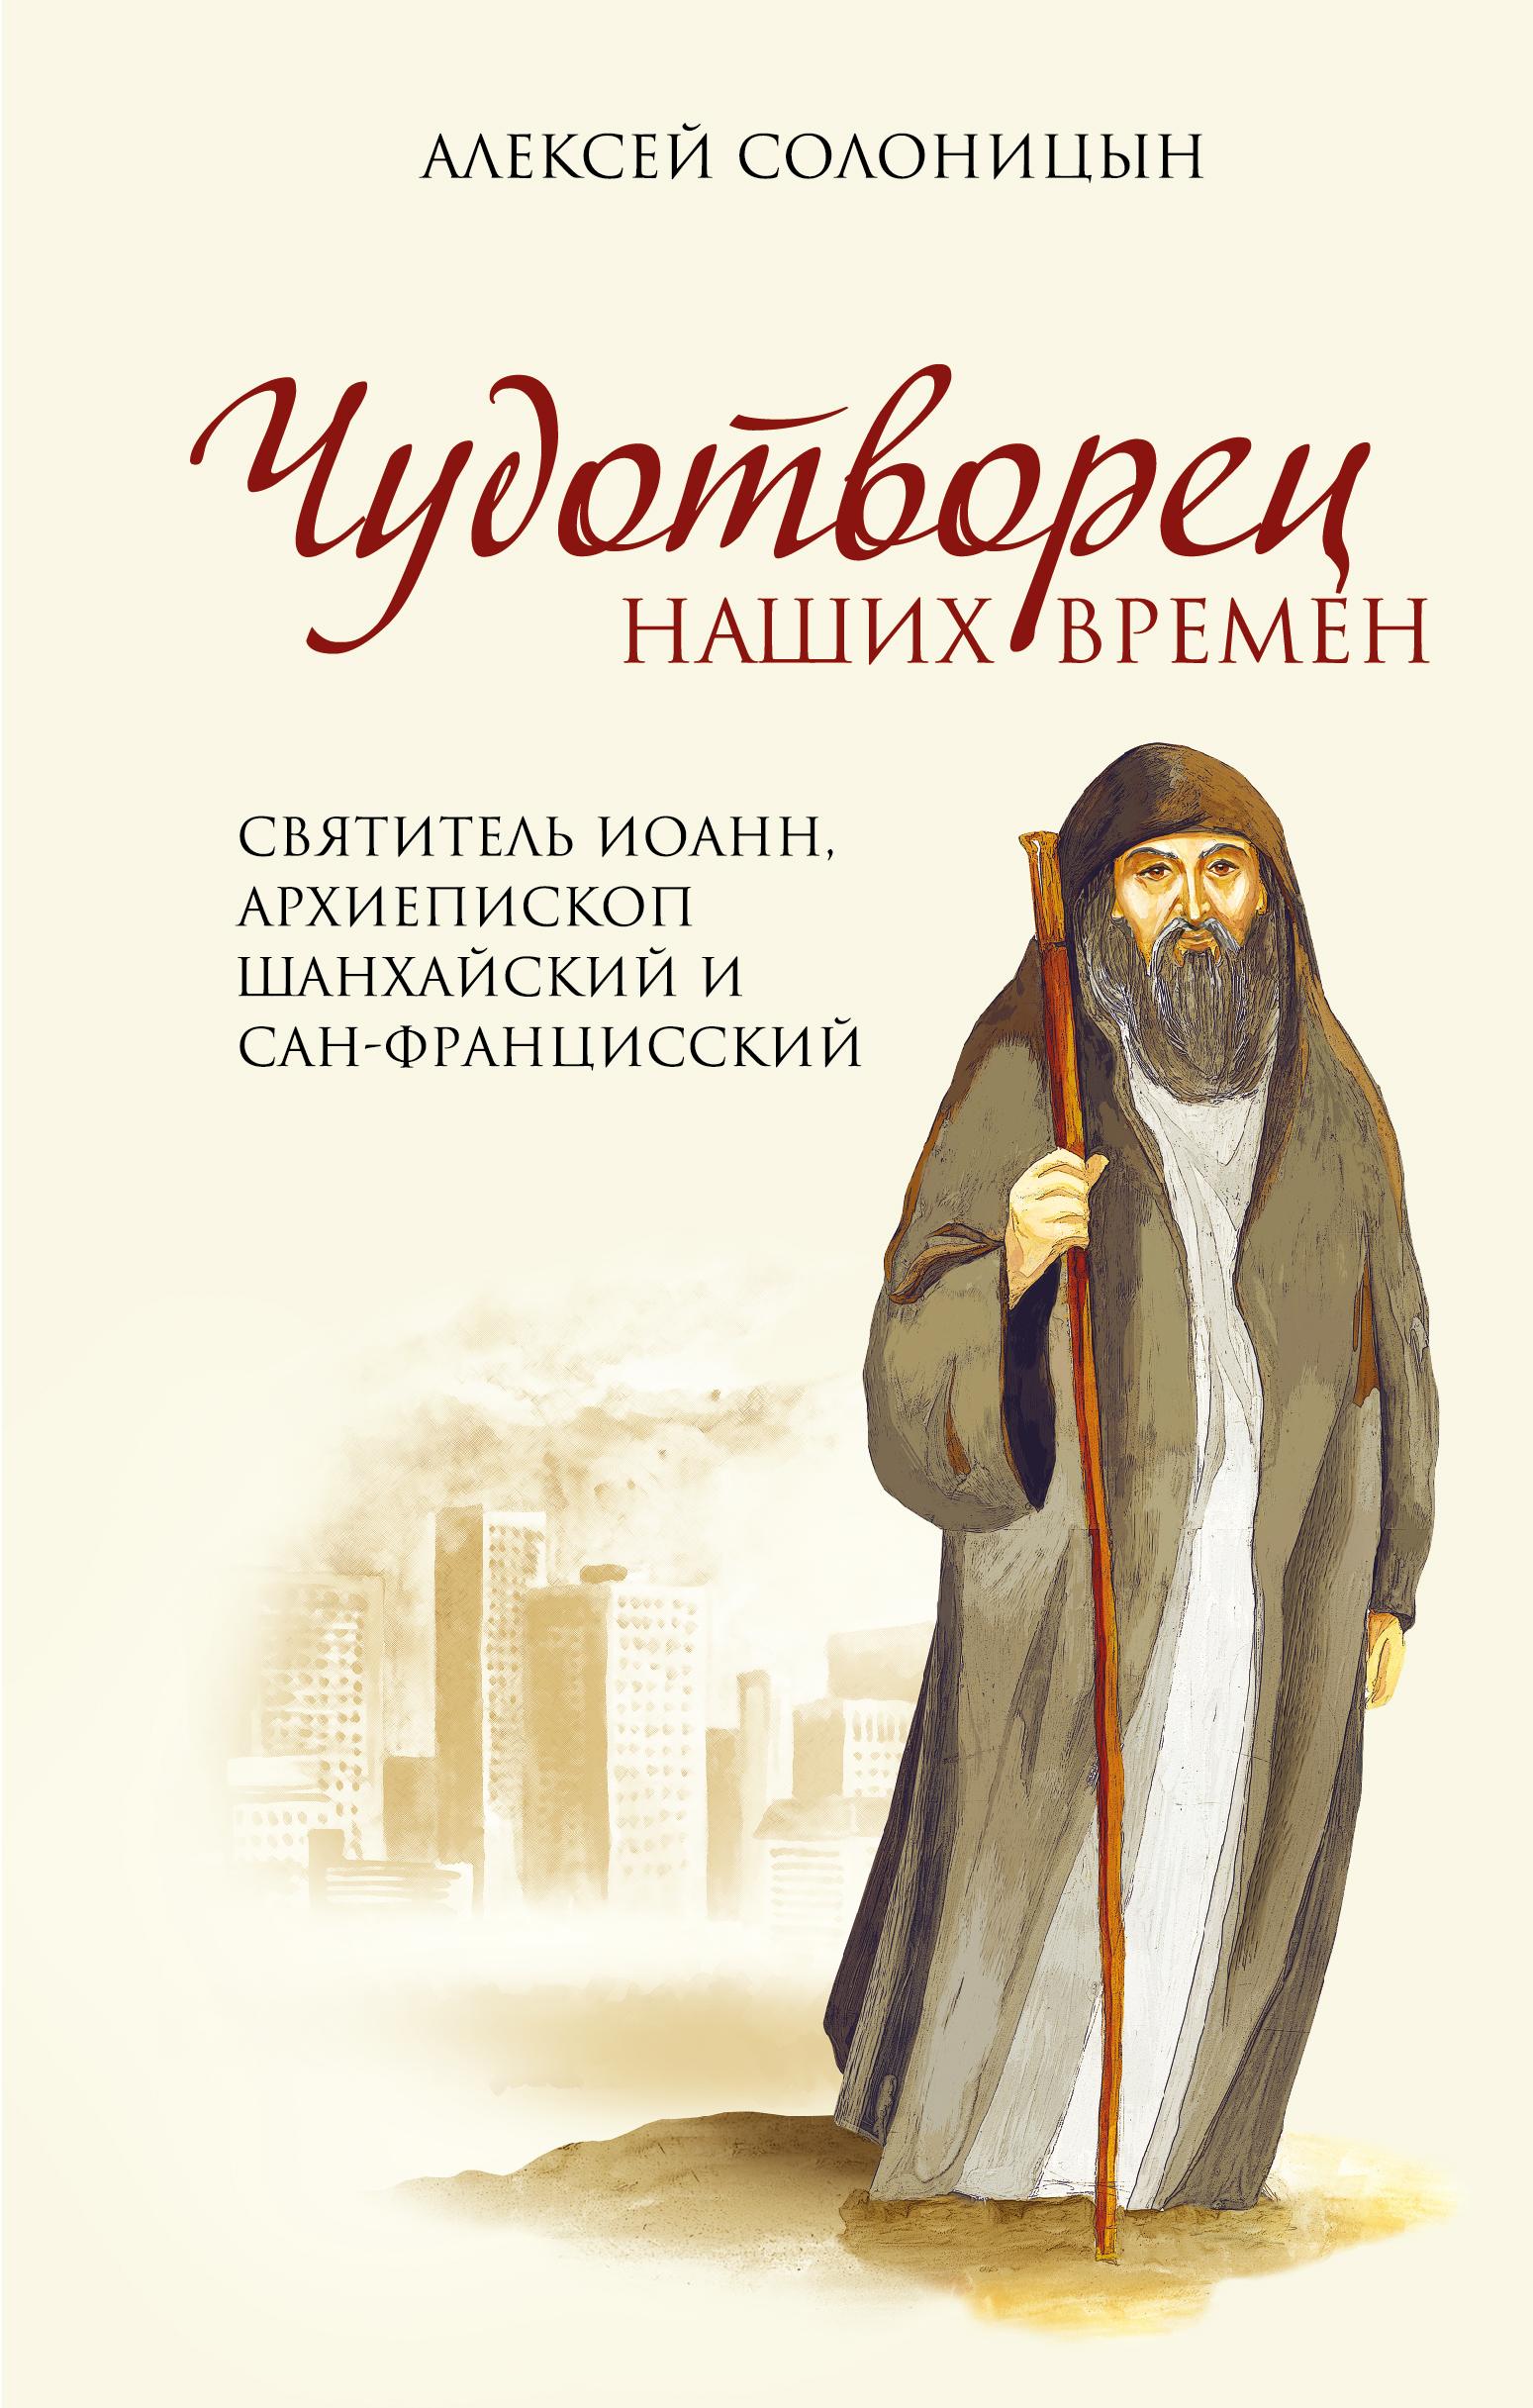 Чудотворец наших времен. Святитель Иоанн, архиепископ Шанхайский и Сан-Францисский